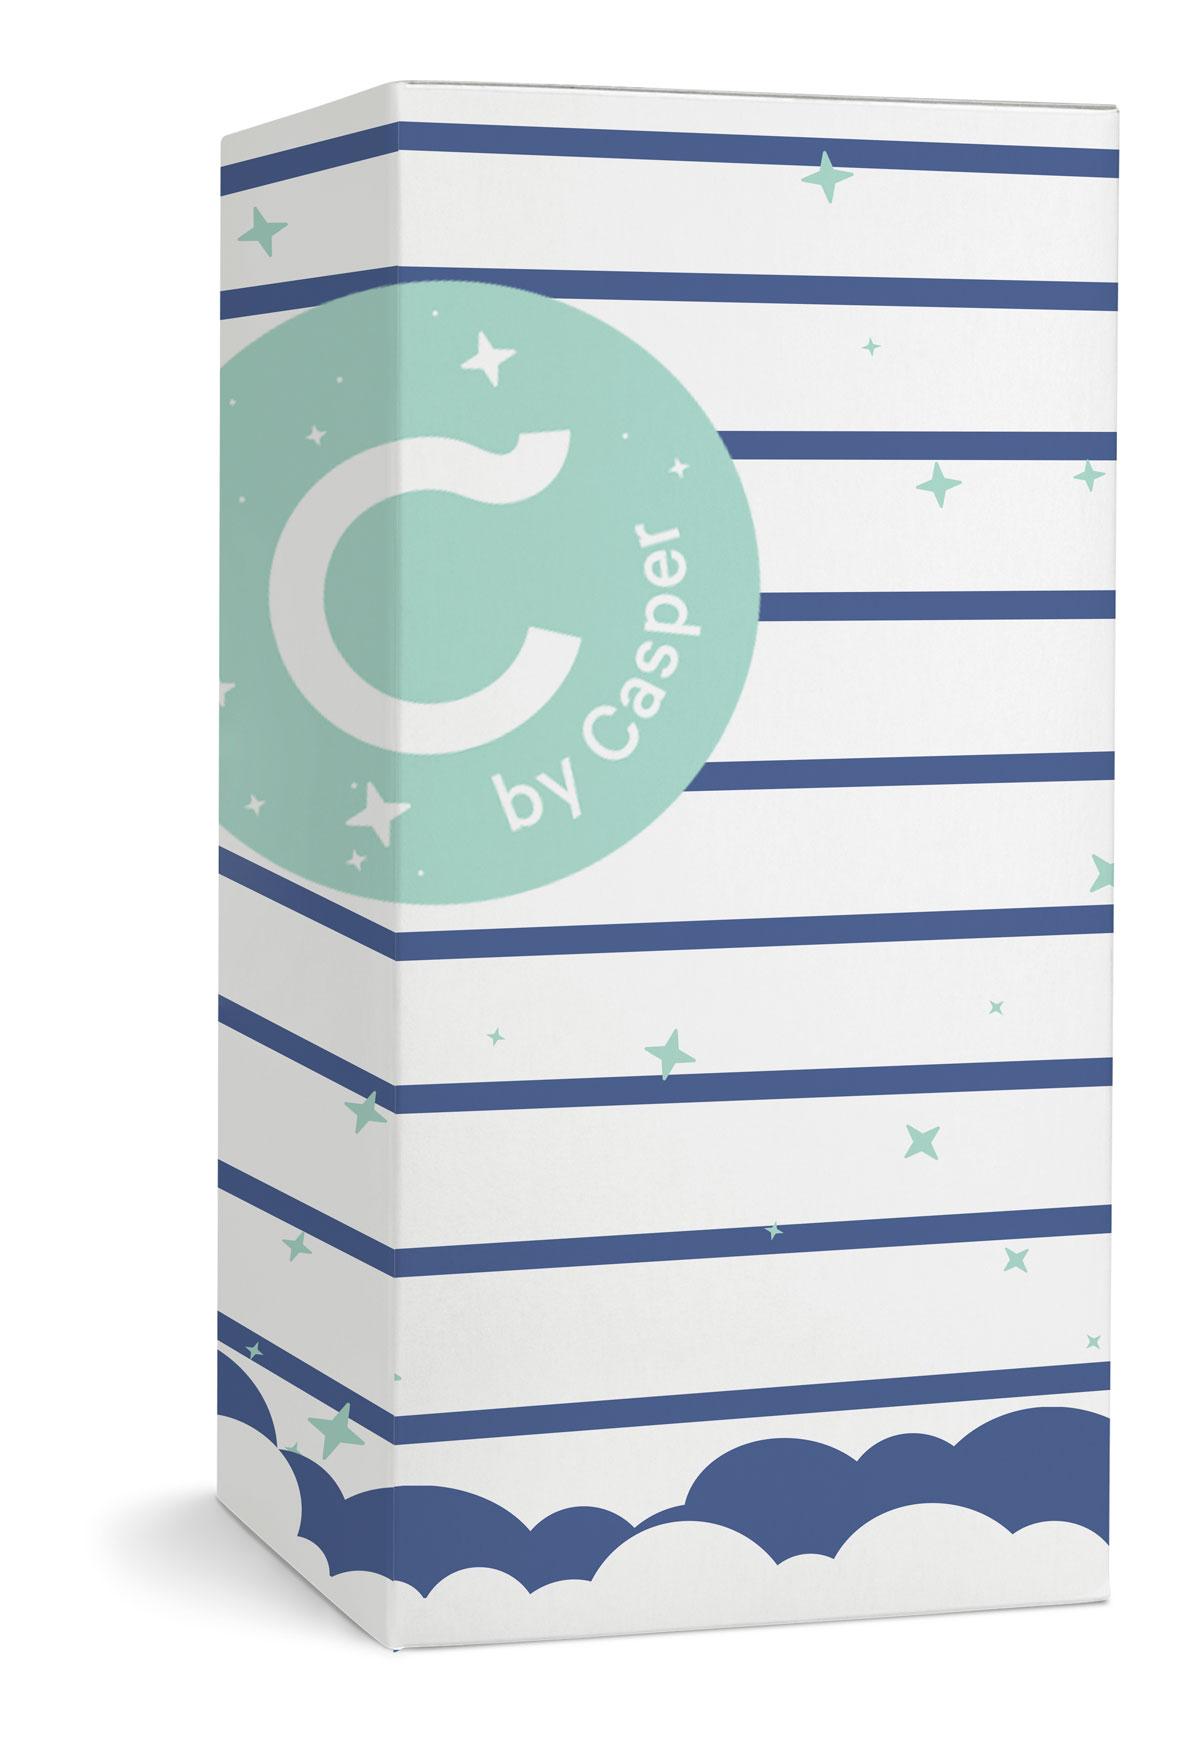 cbycasper_box.jpg